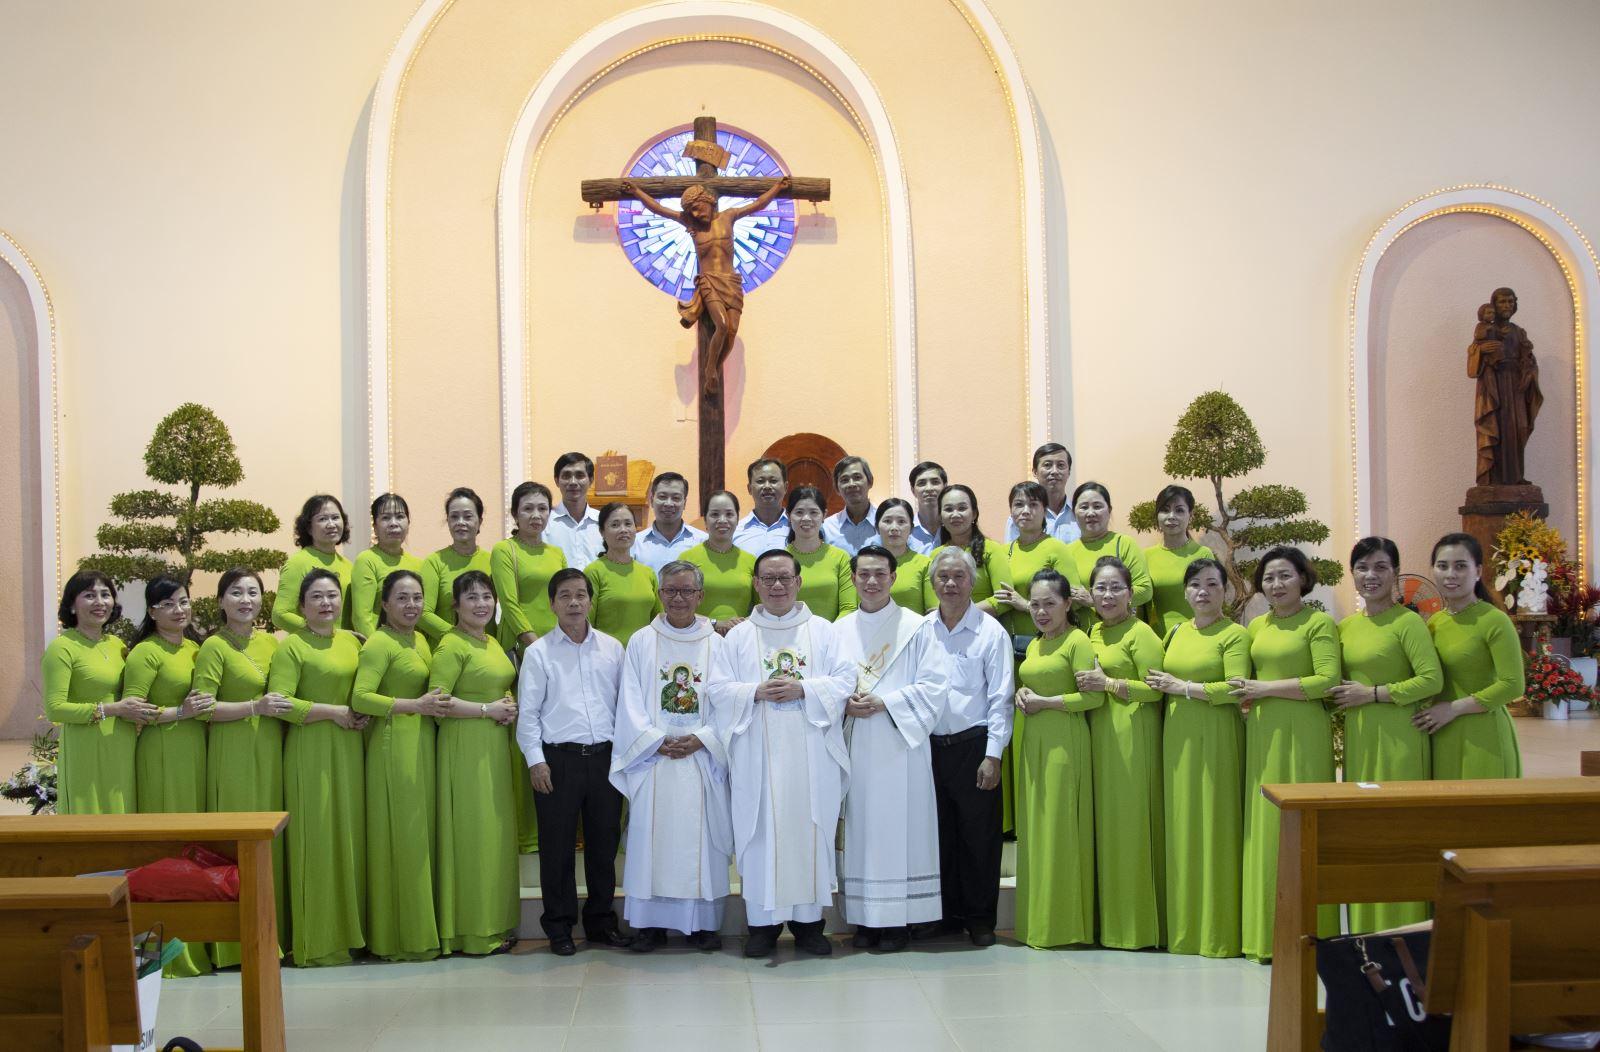 Giới Hiền Mẫu Giáo xứ Thánh Tâm Hành hương Đức Mẹ Núi Cúi dịp Bổn mạng